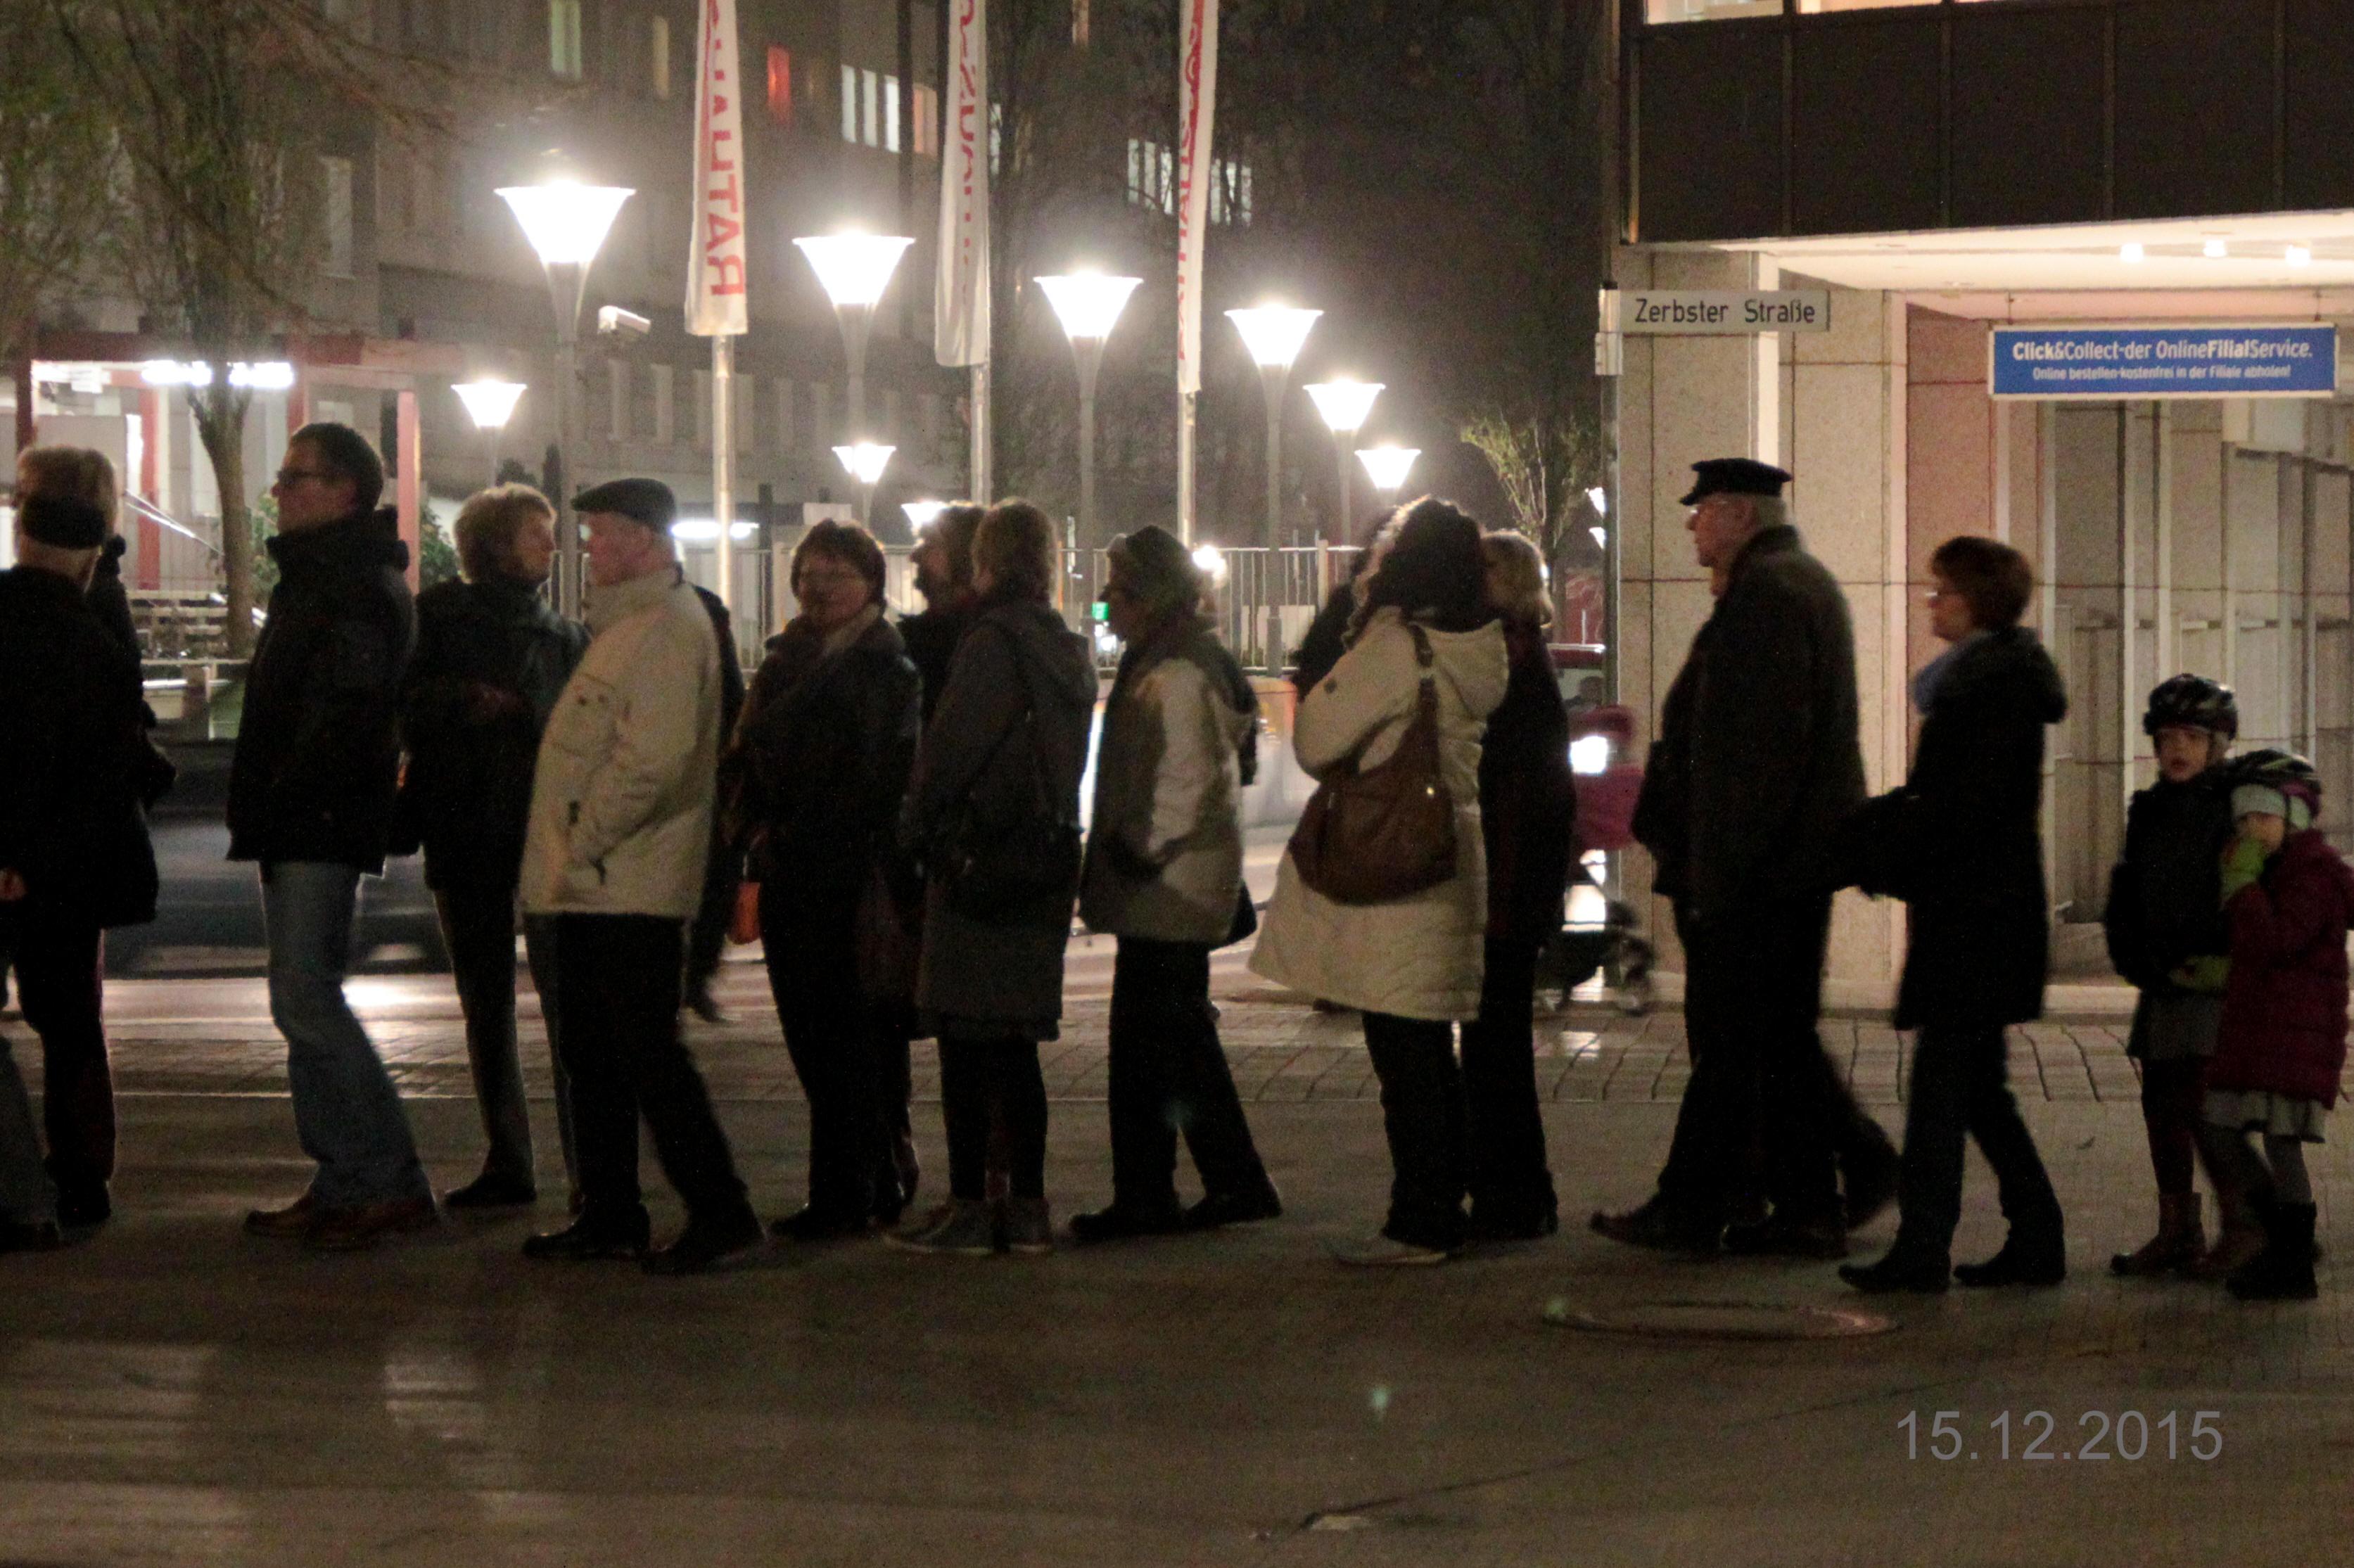 Bassgeigenweihnacht(15.12.15)(00)_DE_Marienkirche